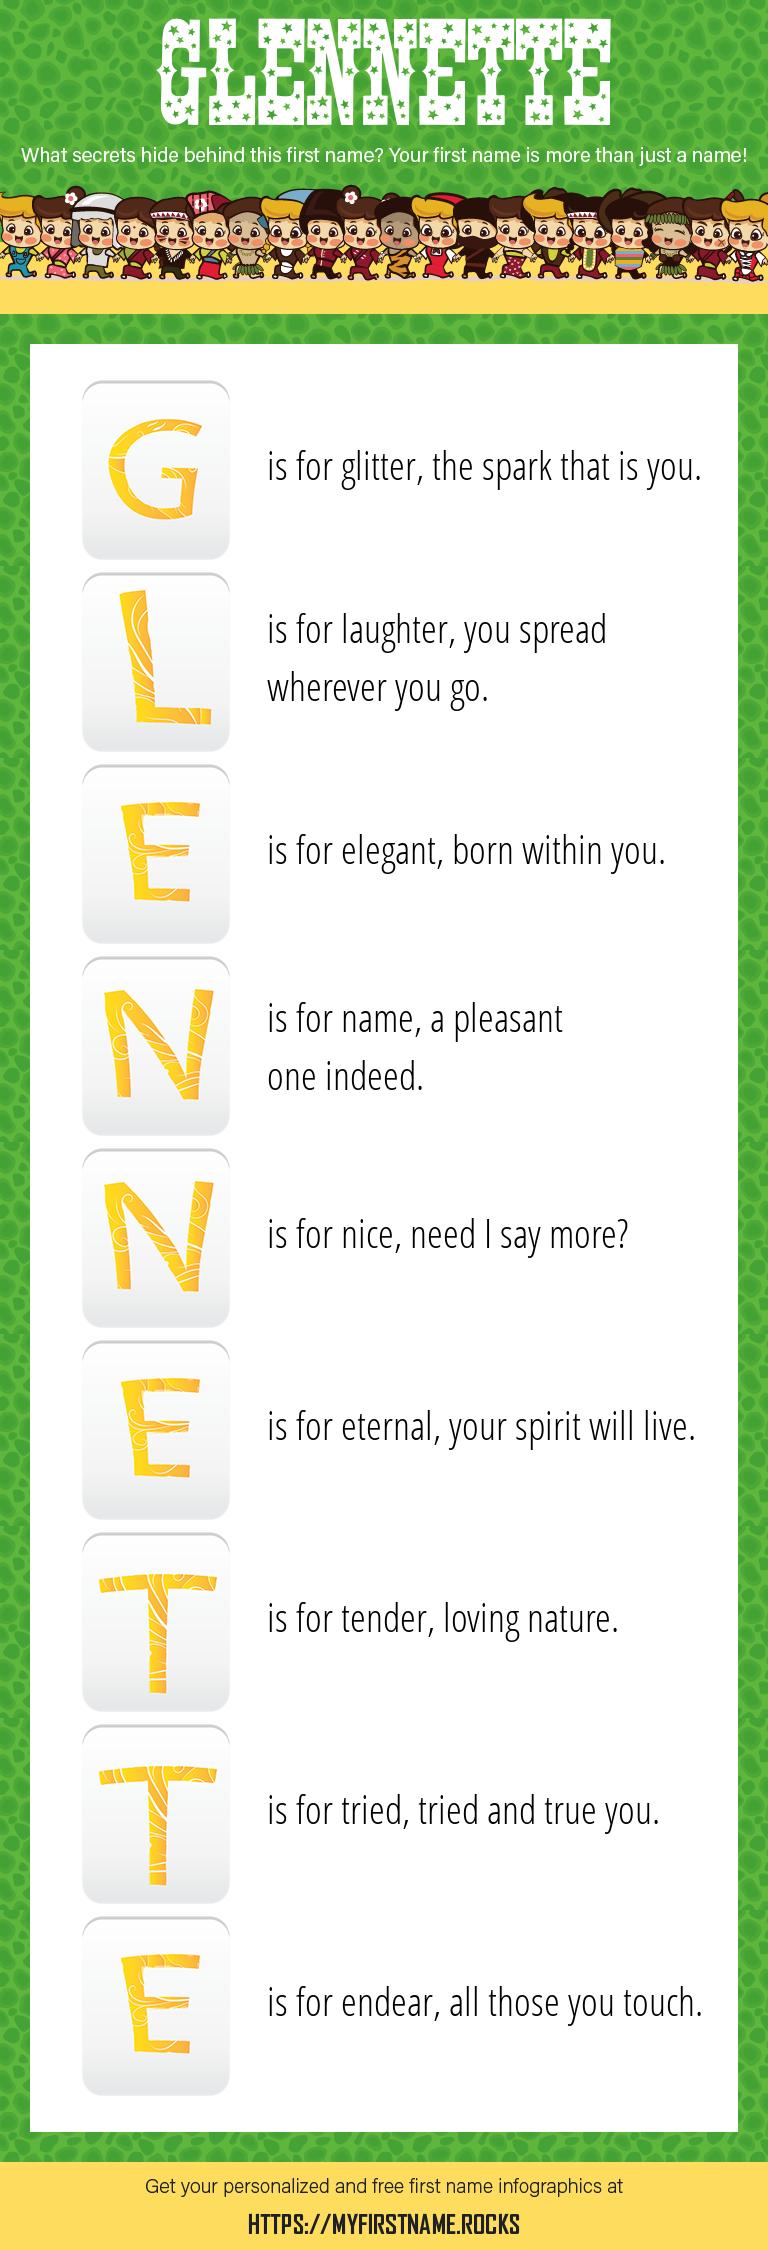 Glennette Infographics